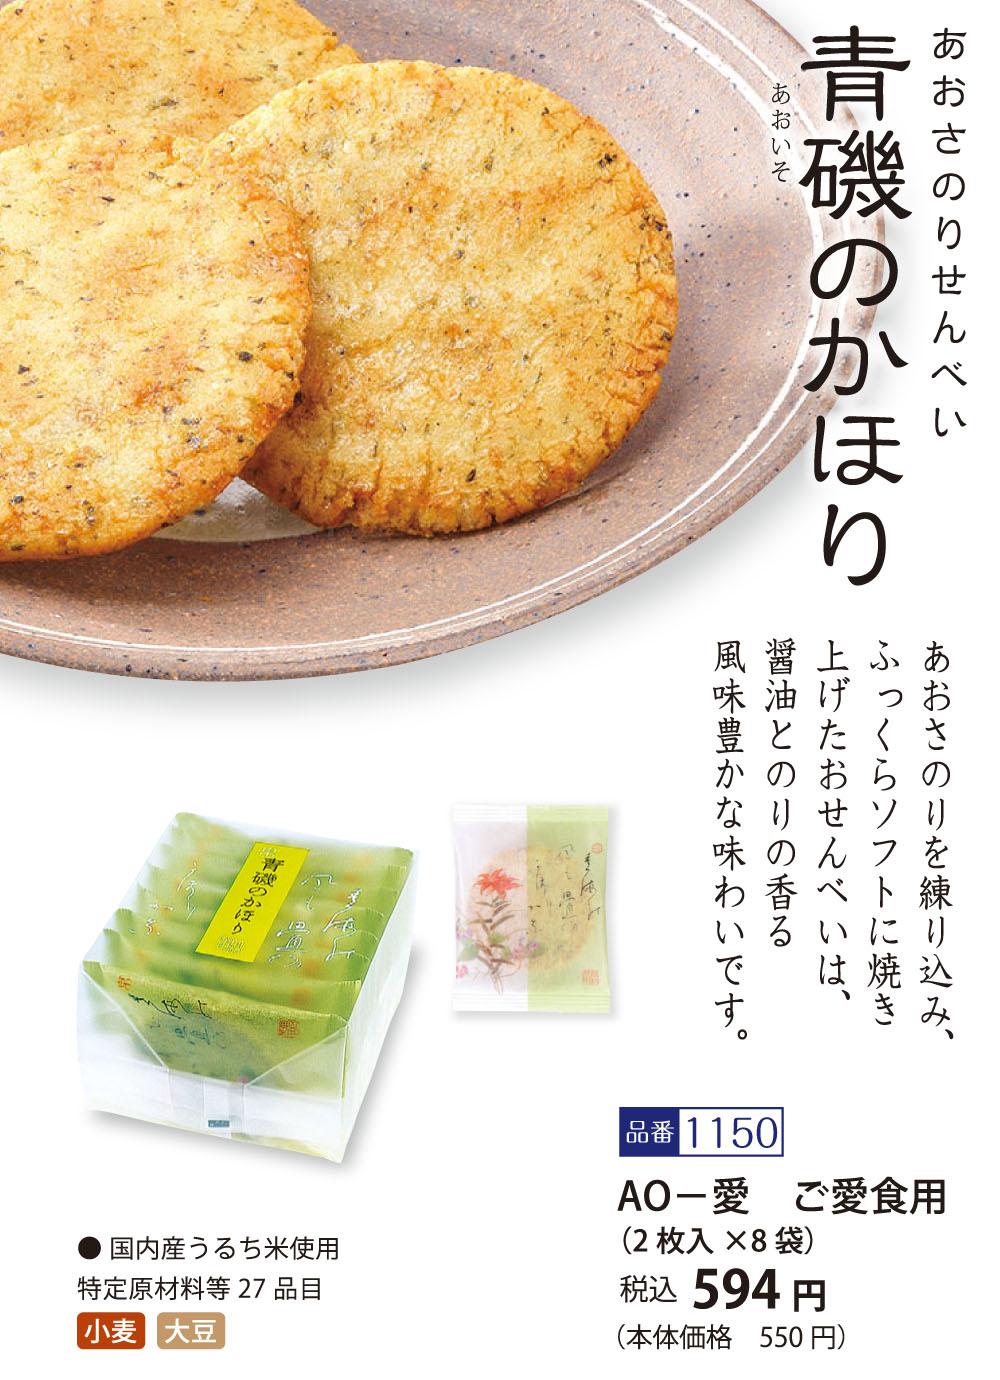 【ご愛食用袋】リピート率NO1!青磯のかほり (2枚入×8袋)